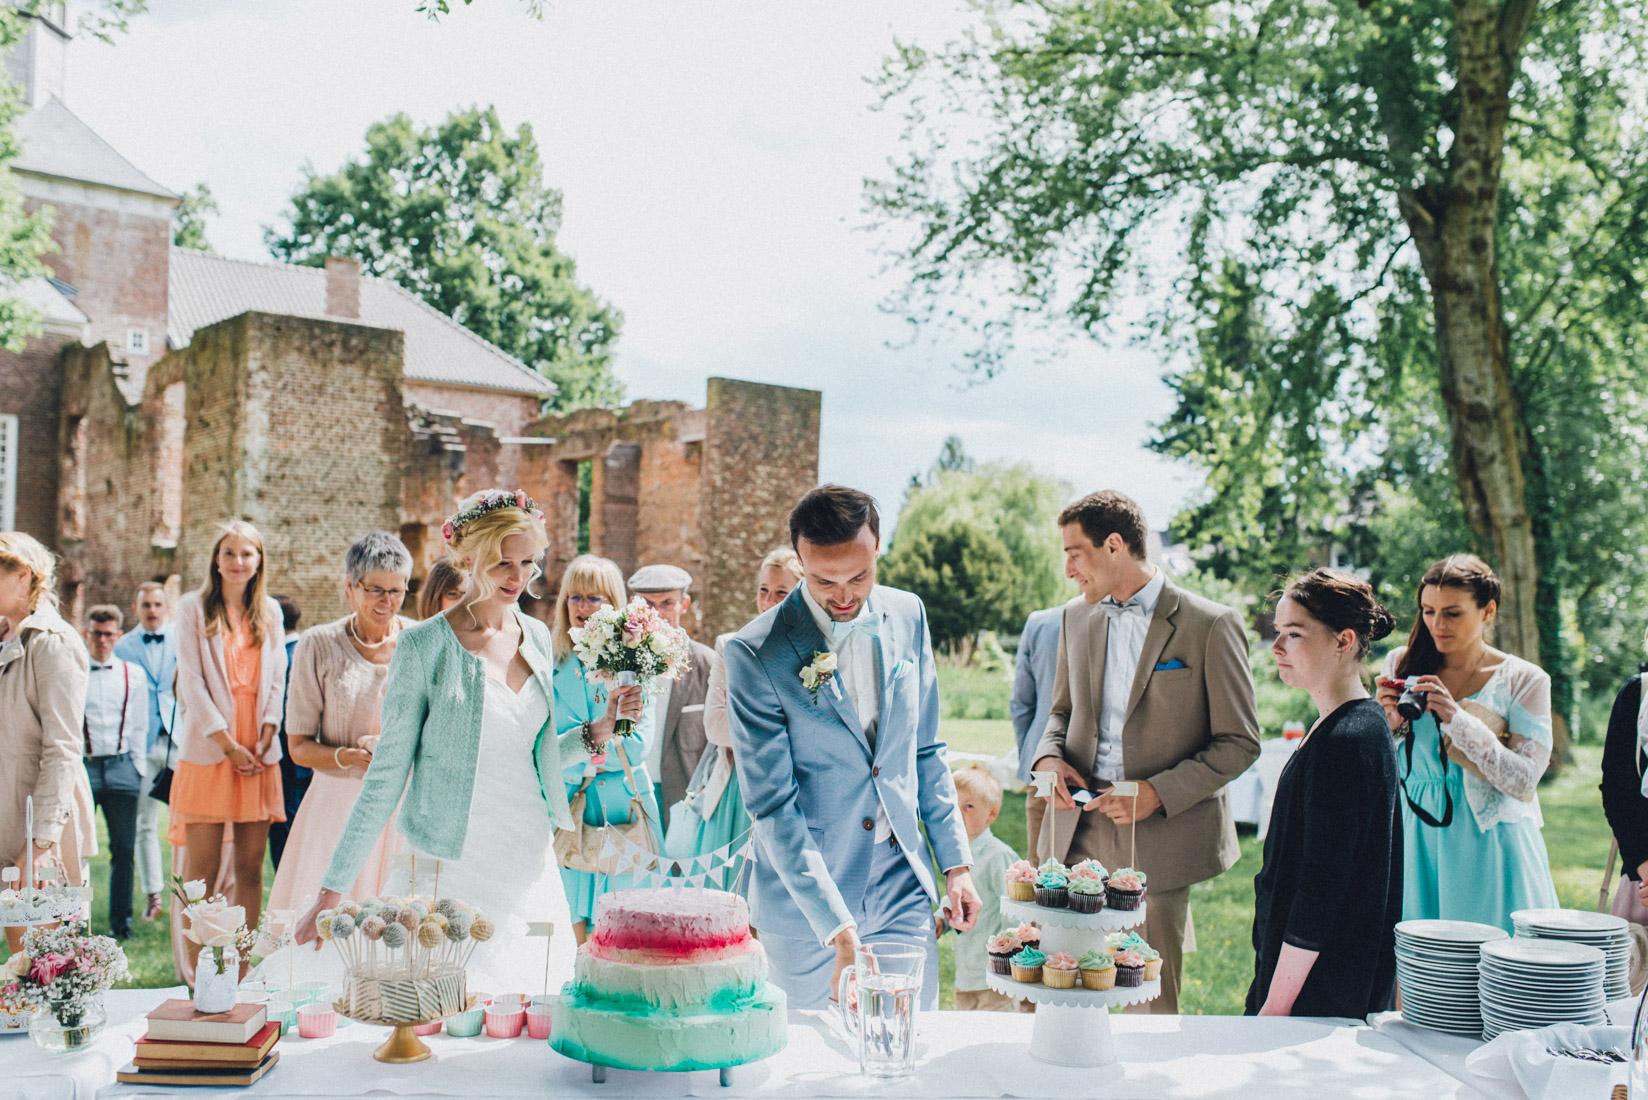 pastel-vintage-hertefeld-100 hochzeitsfotograf schloss hertefeldGalina & Robert DIY Pastel Vintage Hochzeit auf Schloss Hertefeldpastel vintage hertefeld 100